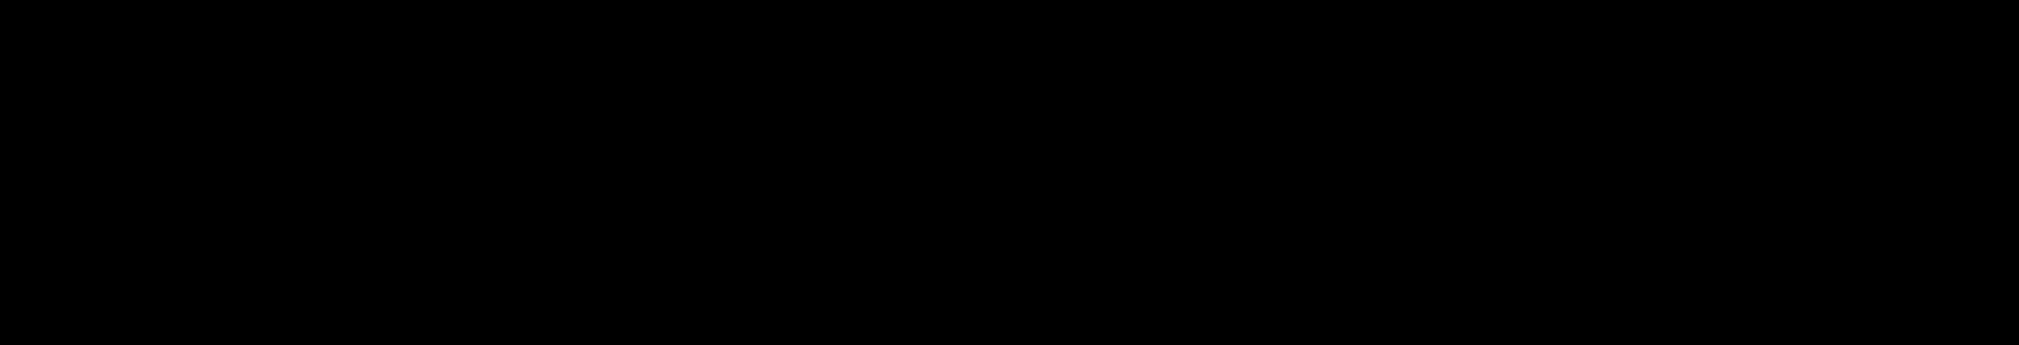 sig-05.png